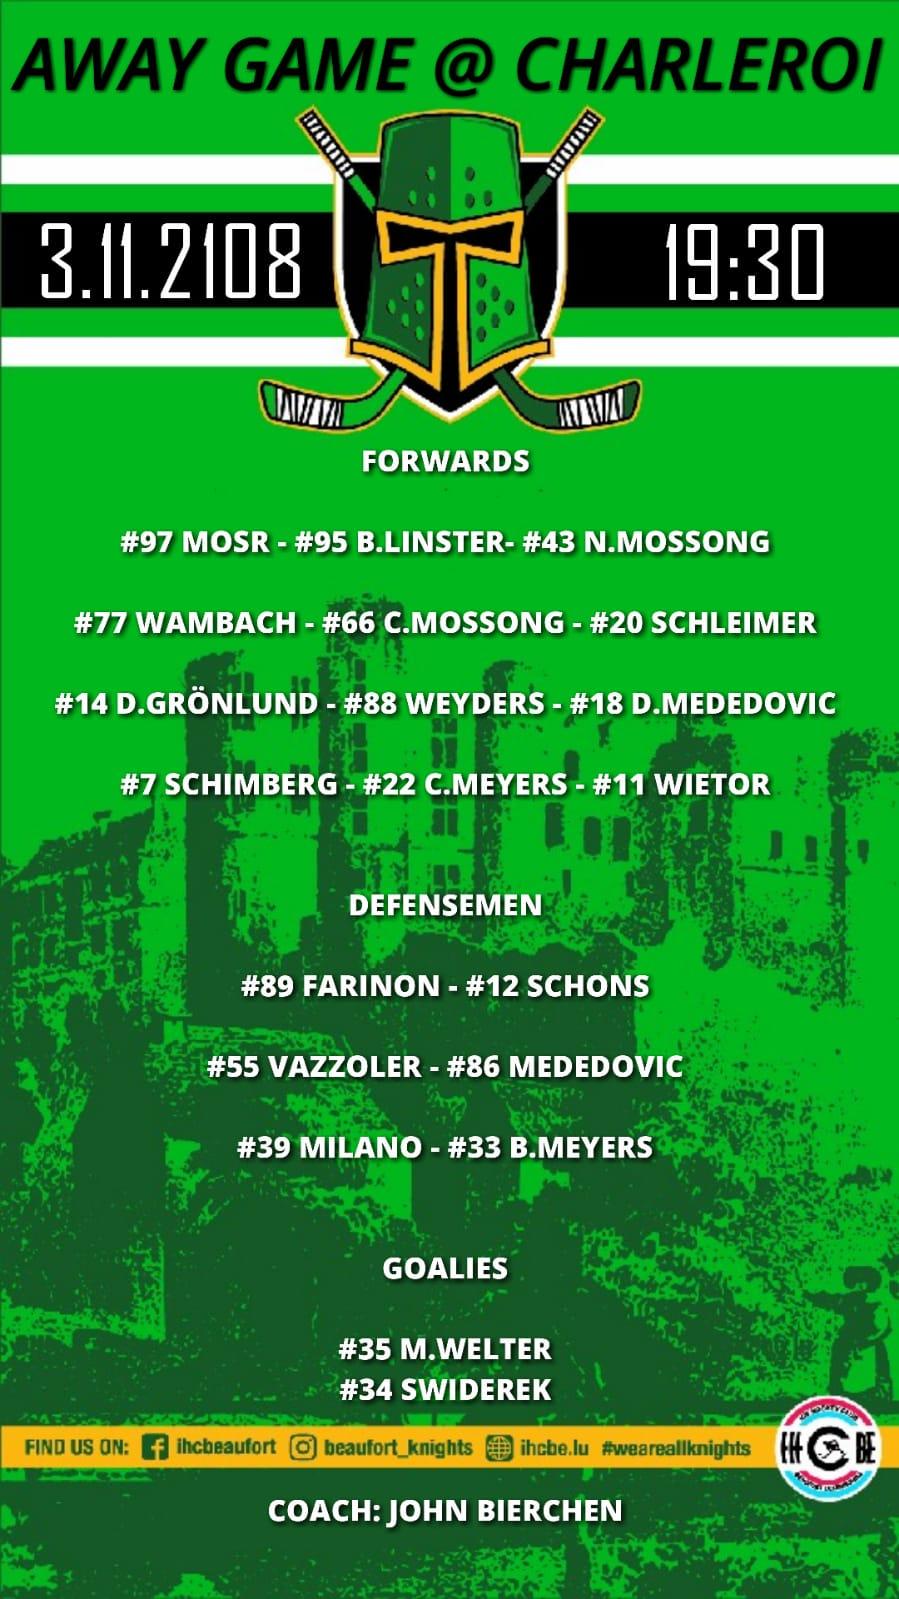 Opstellung vun de Spiller vum Auswärtsmatch géint Charleroi 03/11/2018